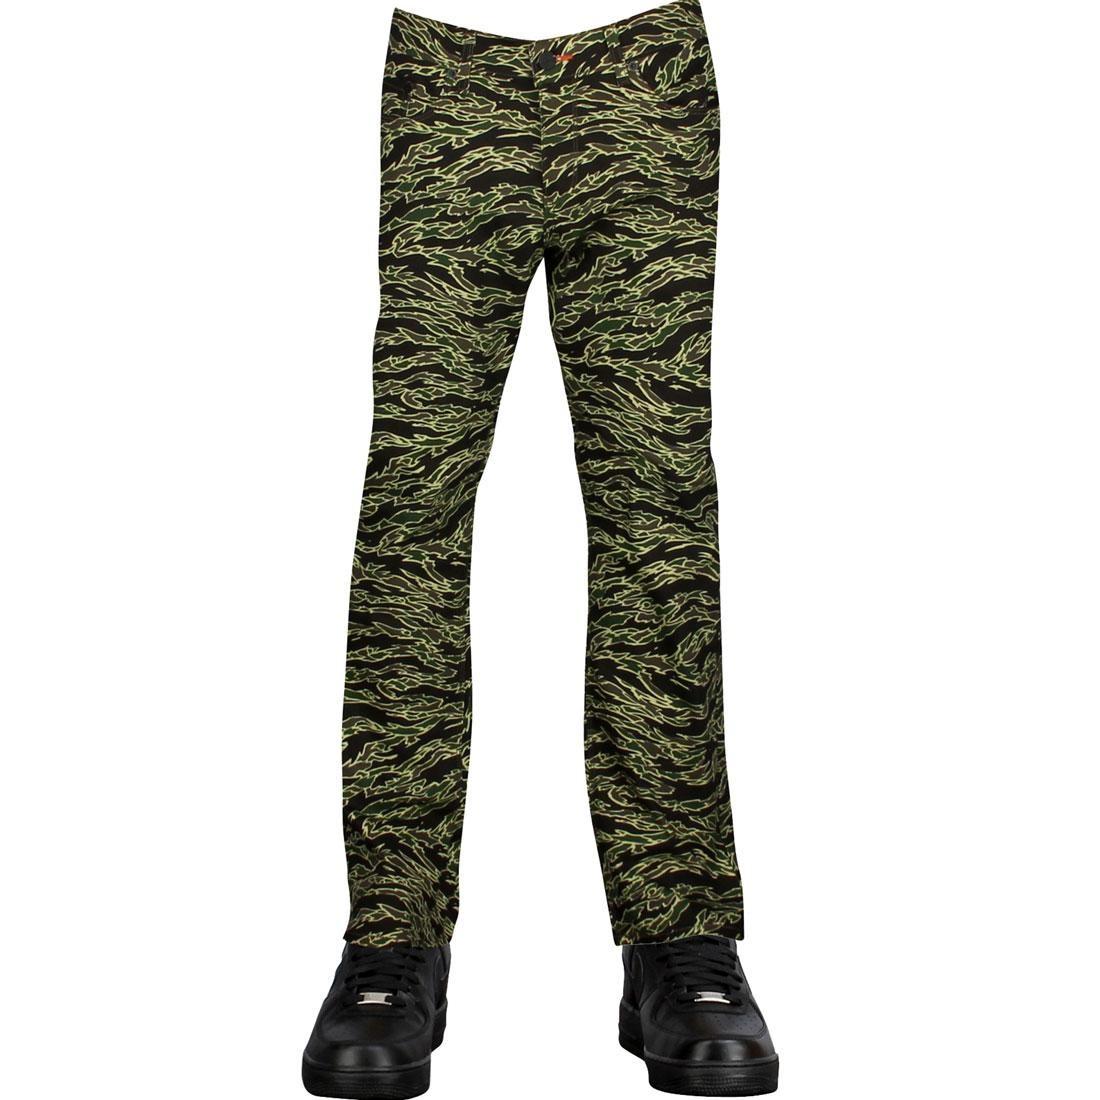 【 BLKWD TIGER JEANS CAMO 】 メンズファッション ズボン パンツ